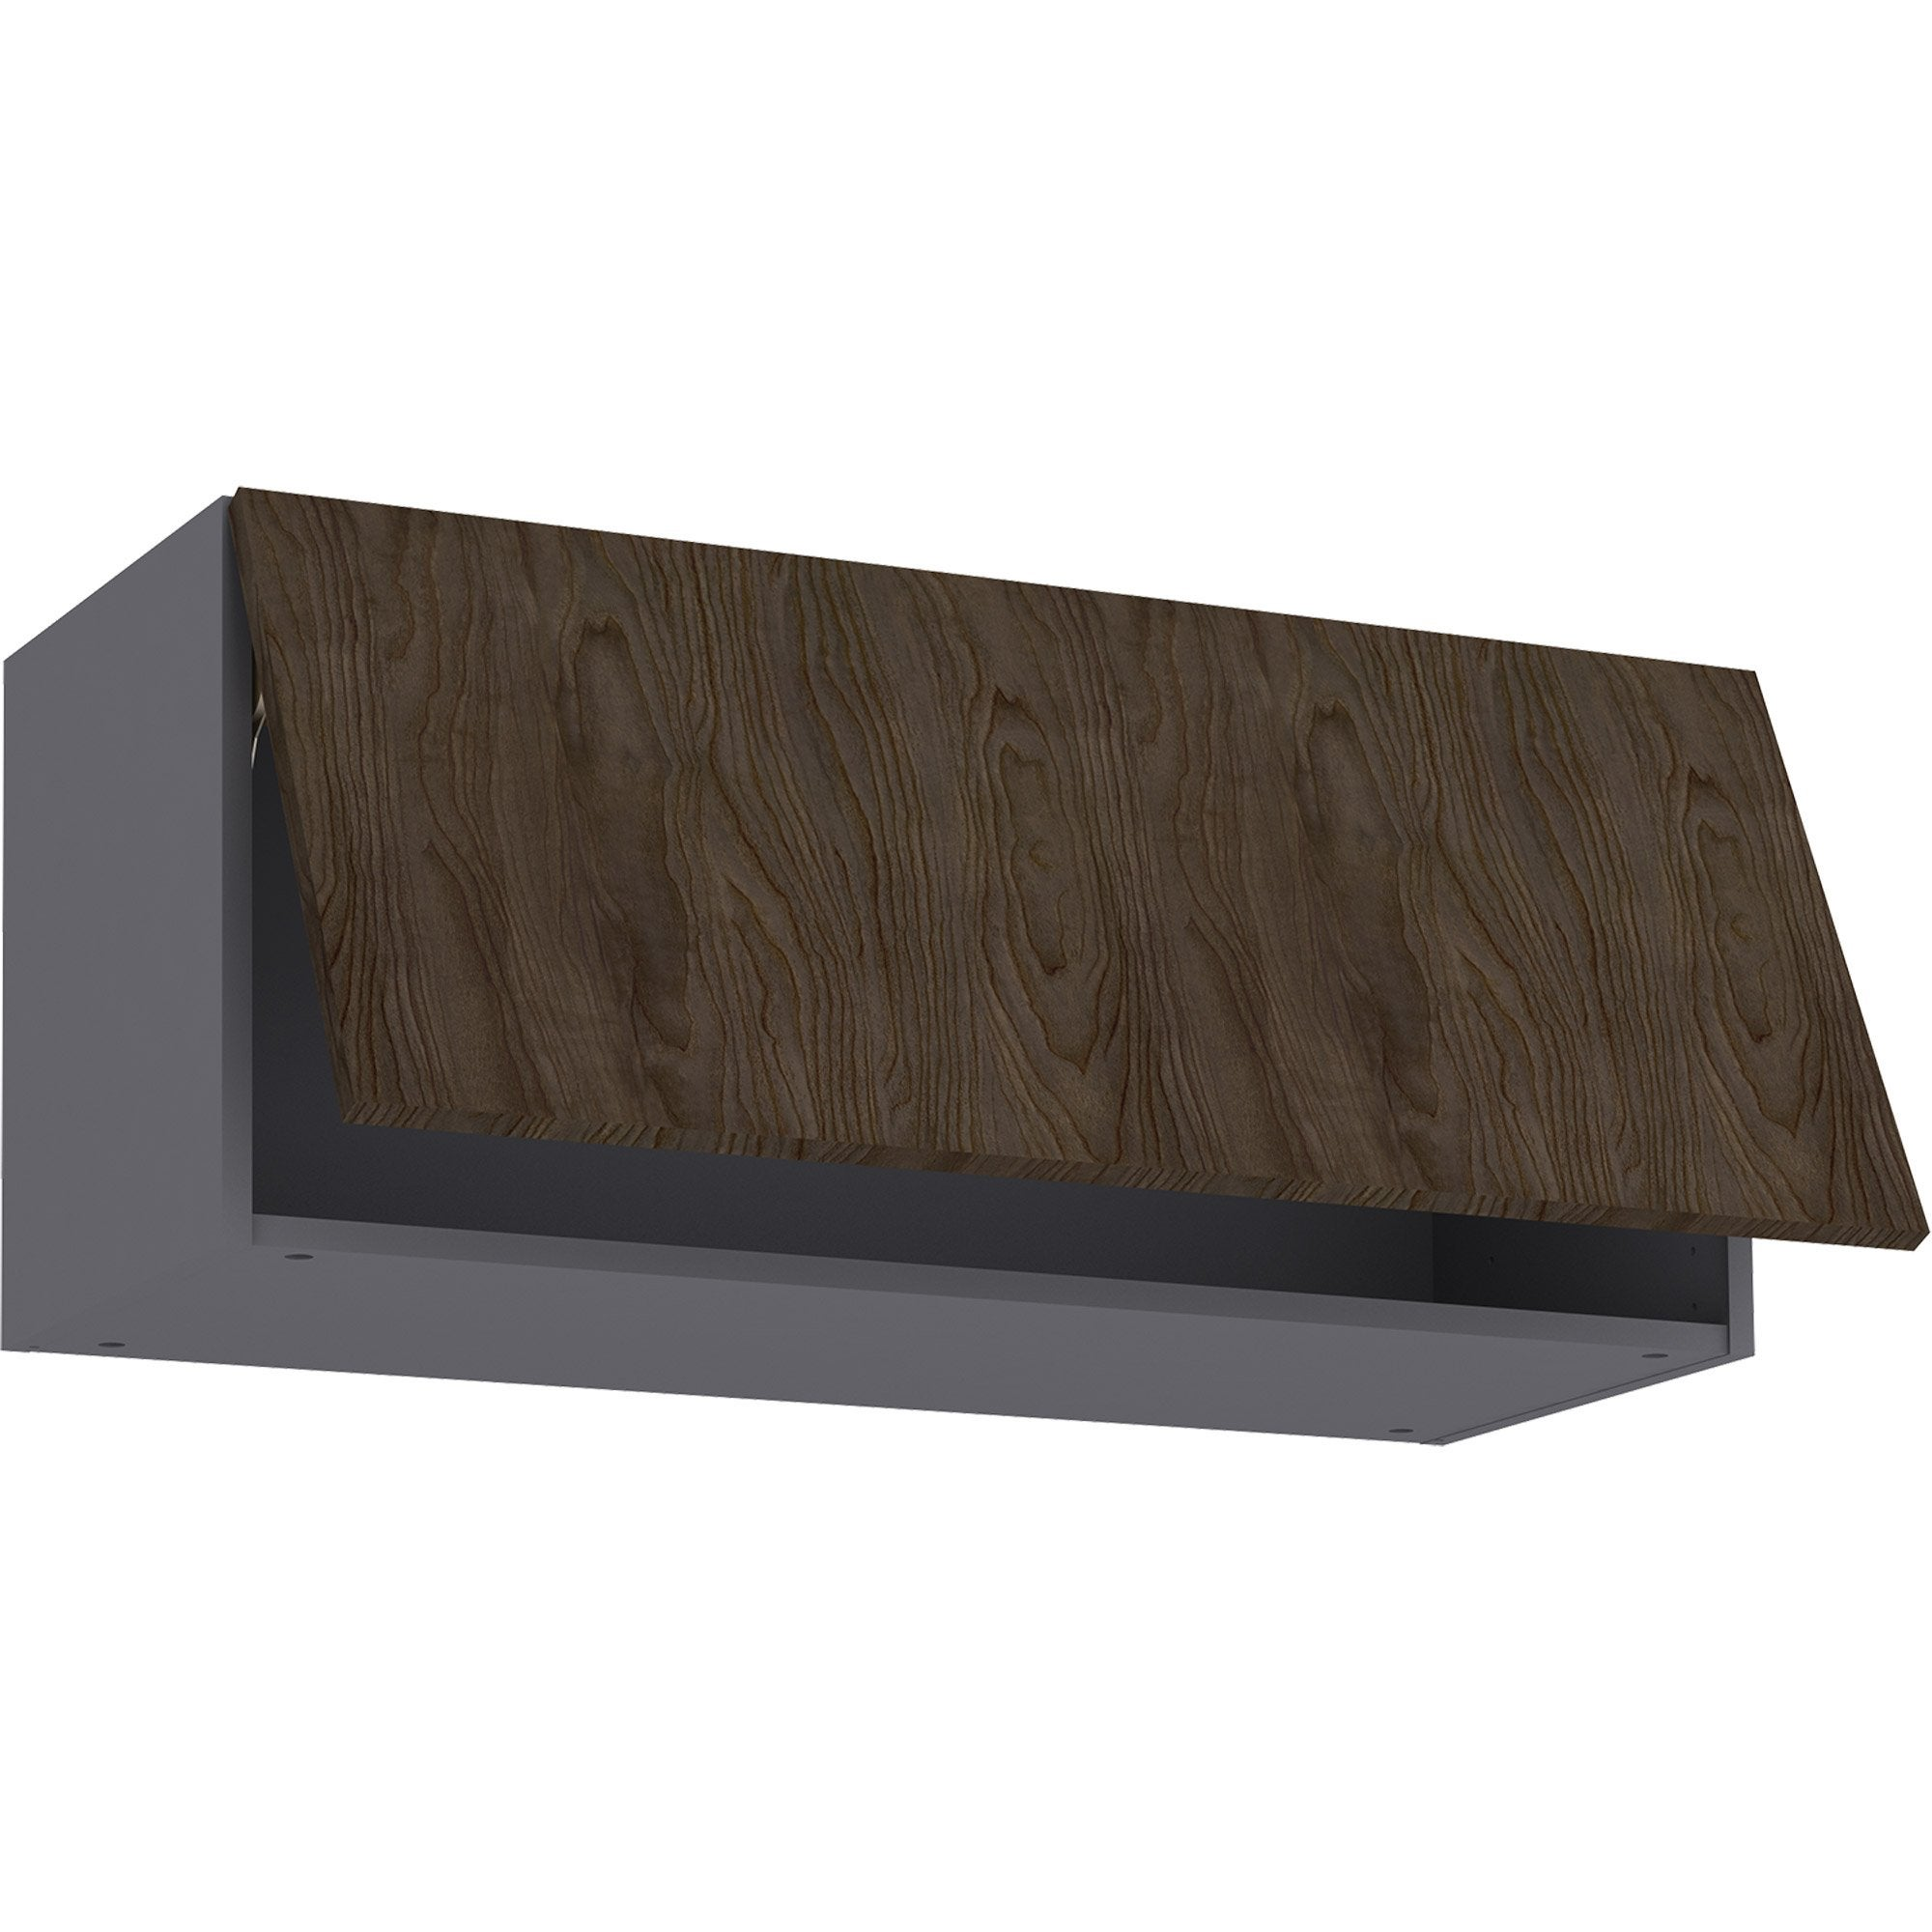 Meuble haut de cuisine Siena effet bois foncé, 15 porte H15xl15